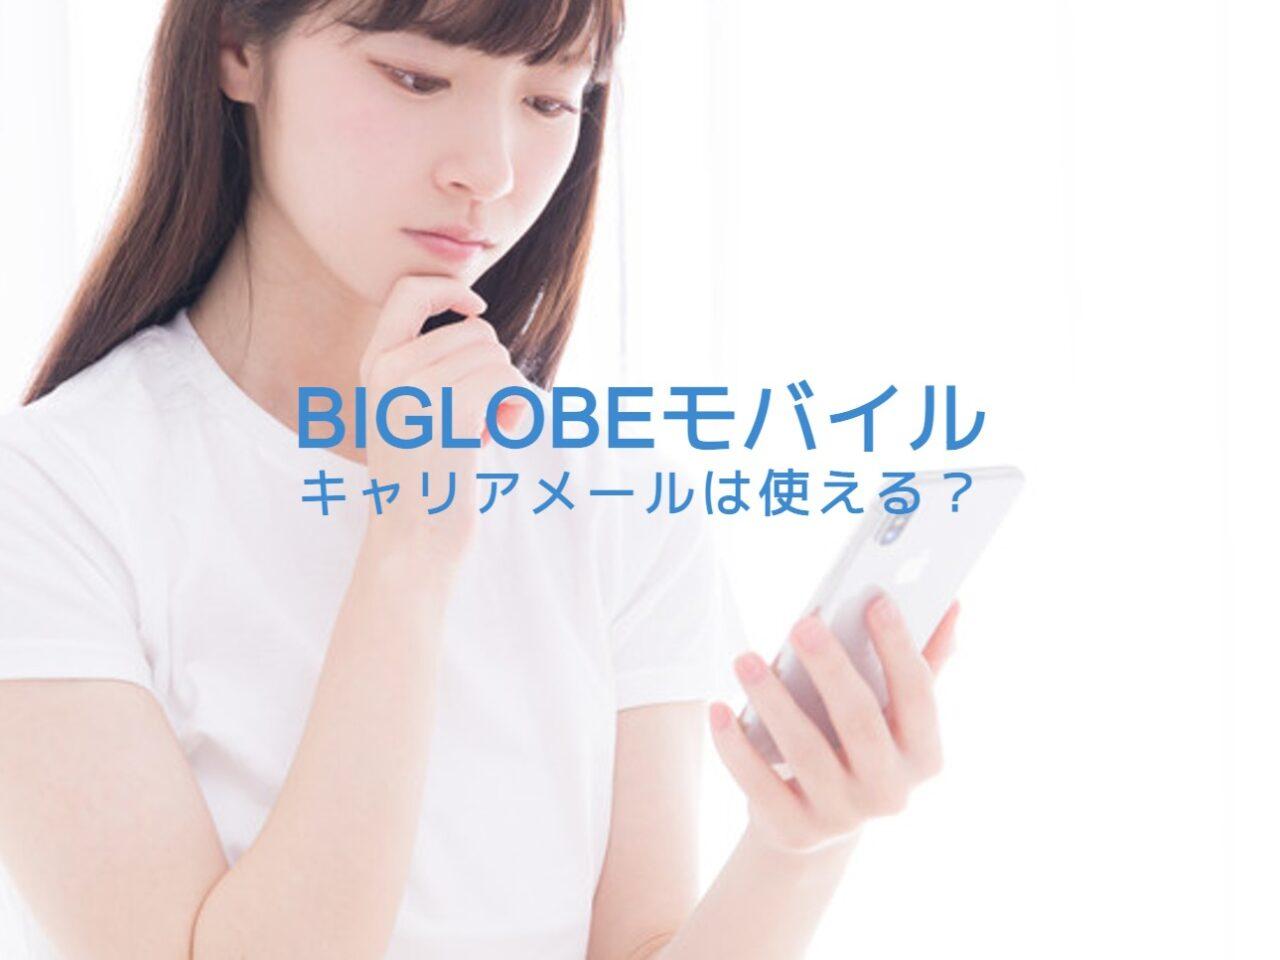 BIGLOBEモバイルでメールアドレス(キャリアメール)は使える?対応している?のサムネイル画像